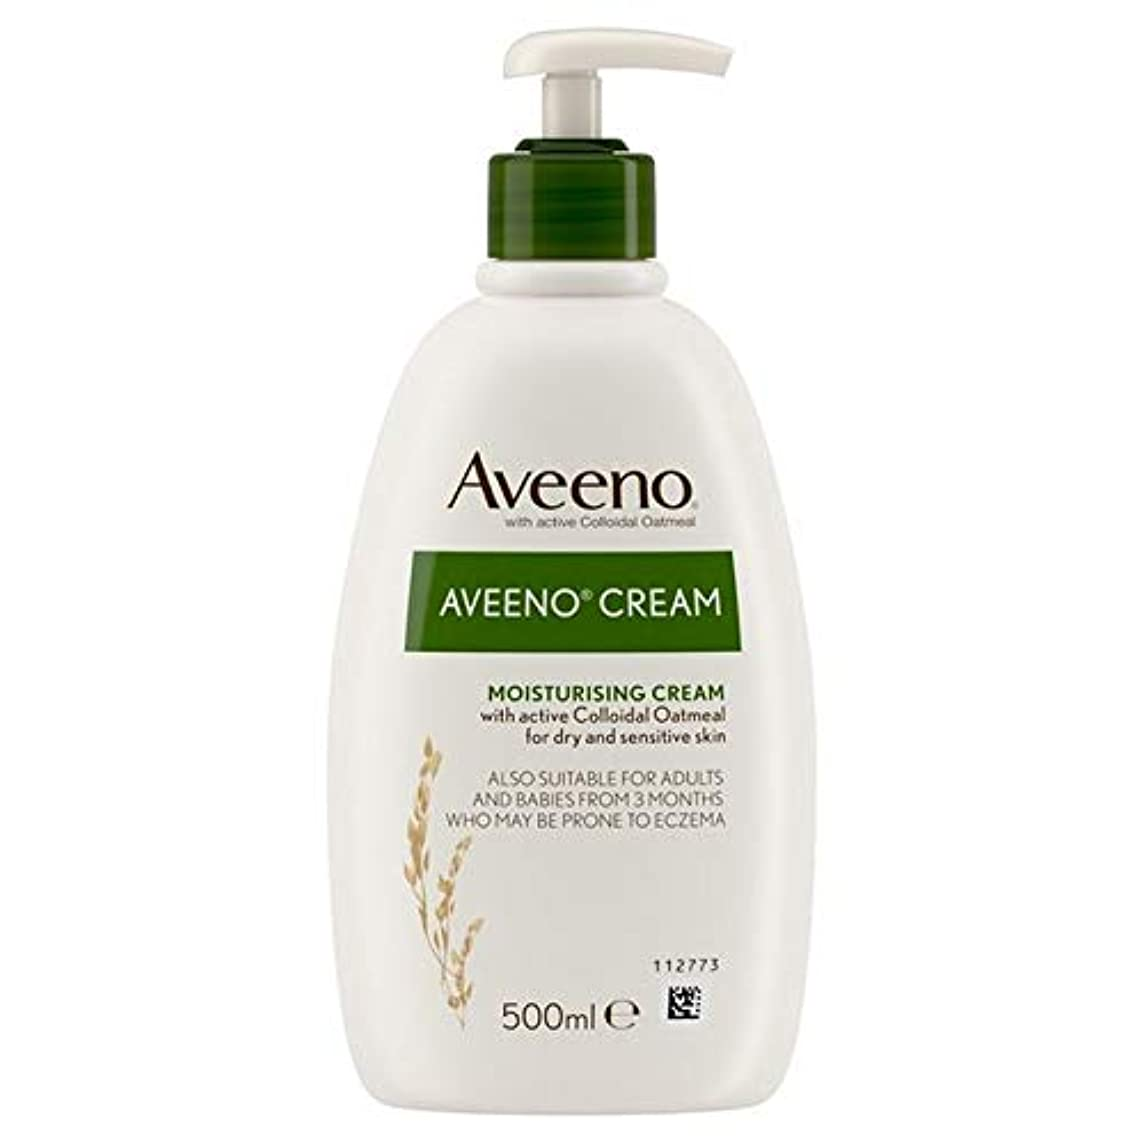 世論調査ぴかぴか検索[Aveeno] Aveenoクリーム500ミリリットル - Aveeno Cream 500ml [並行輸入品]